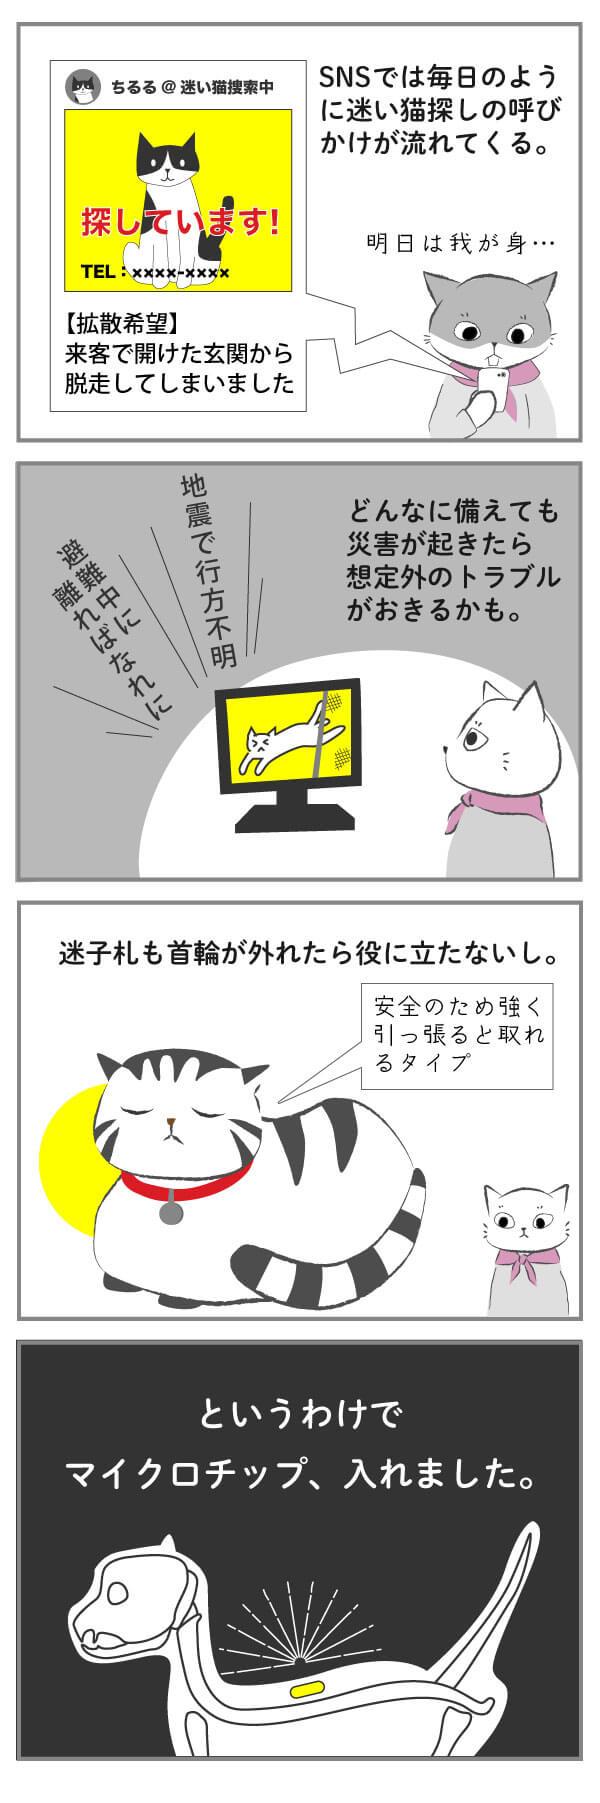 猫にマイクロチップを入れたブログ